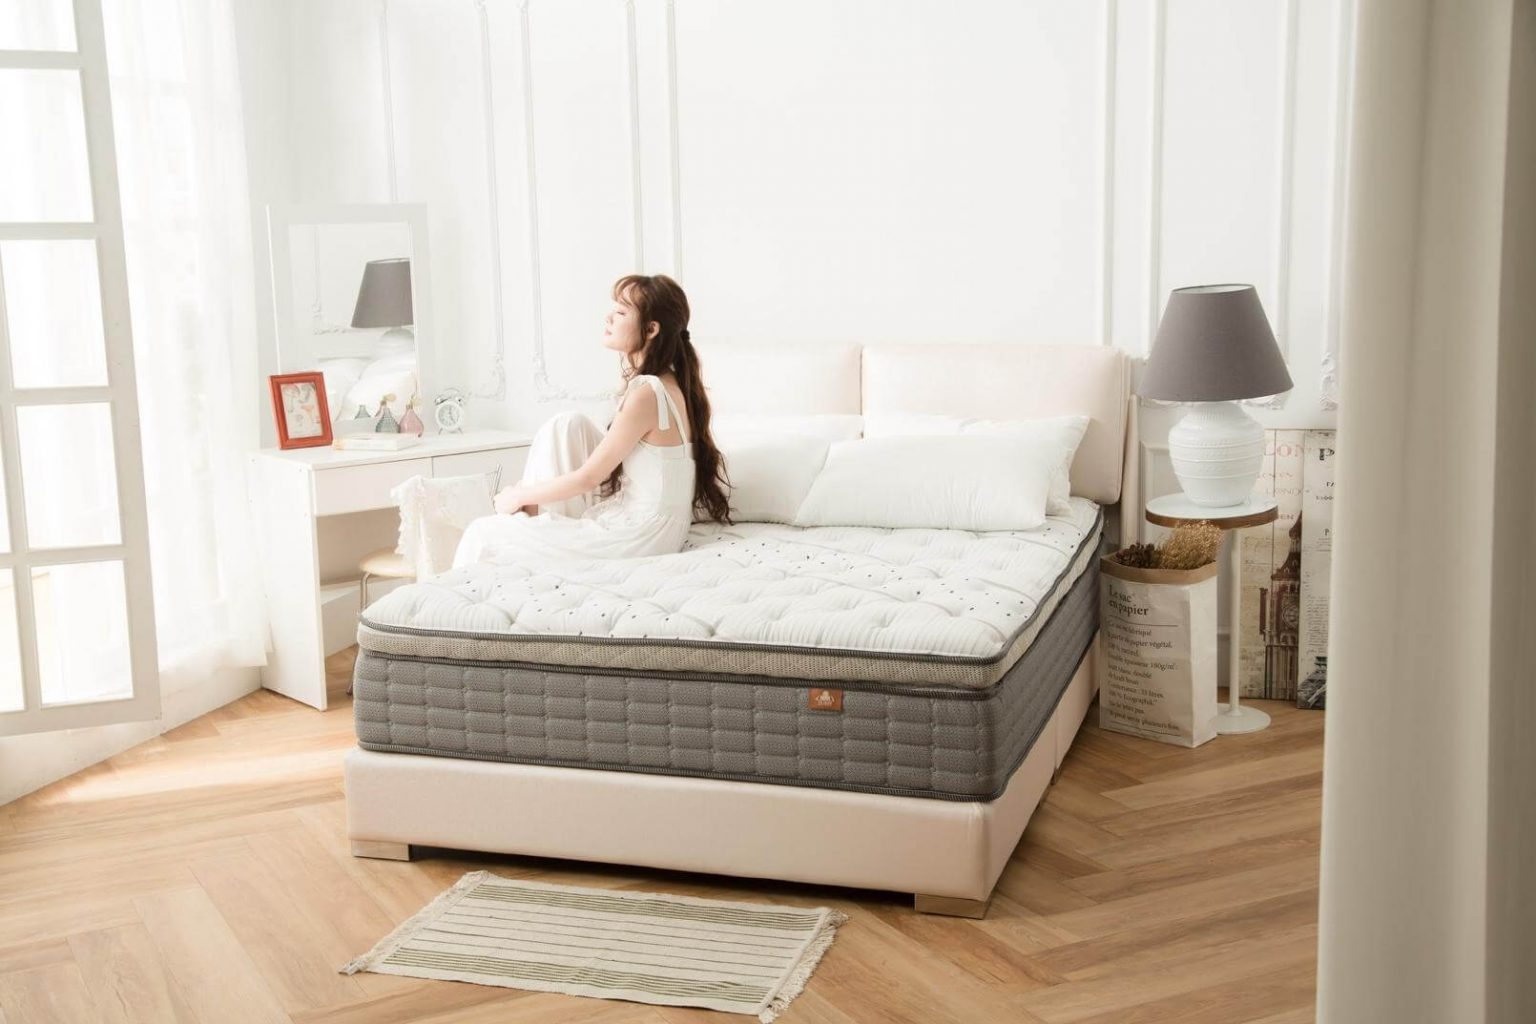 床墊清潔困難時,最好更換新的床墊